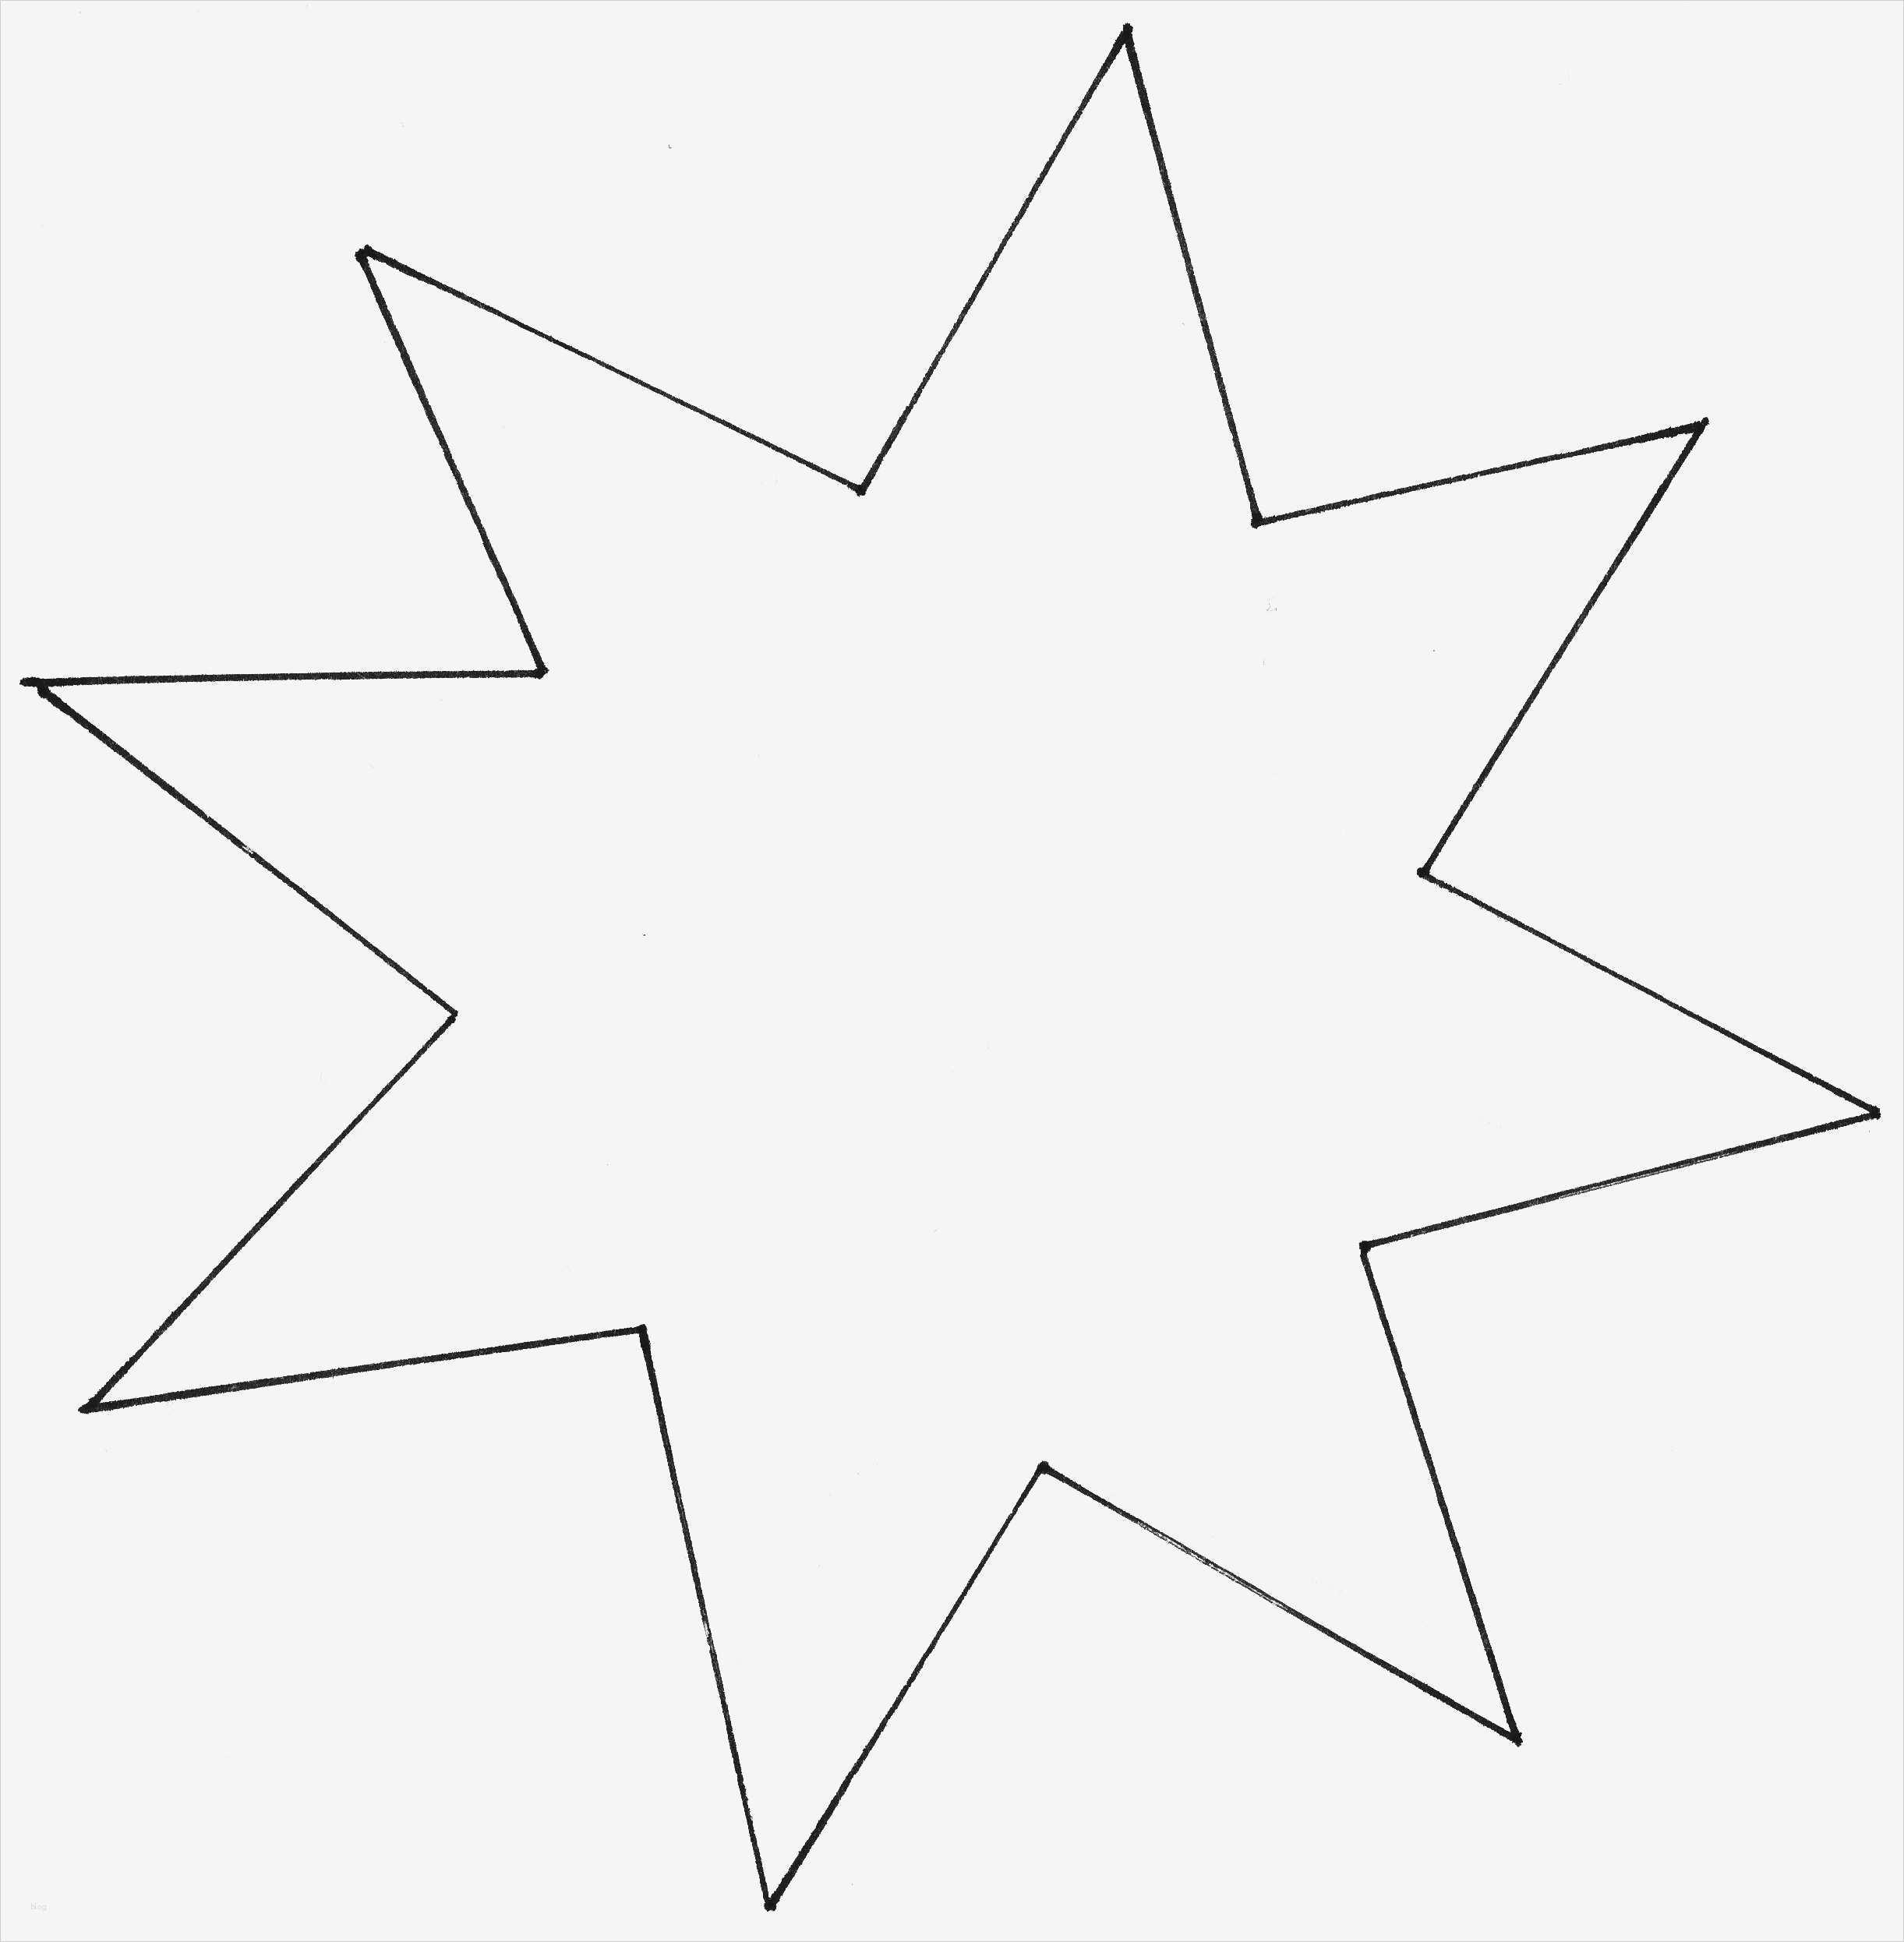 Sterne Basteln Vorlagen Ausdrucken Fabelhaft Ausmalbilder ...